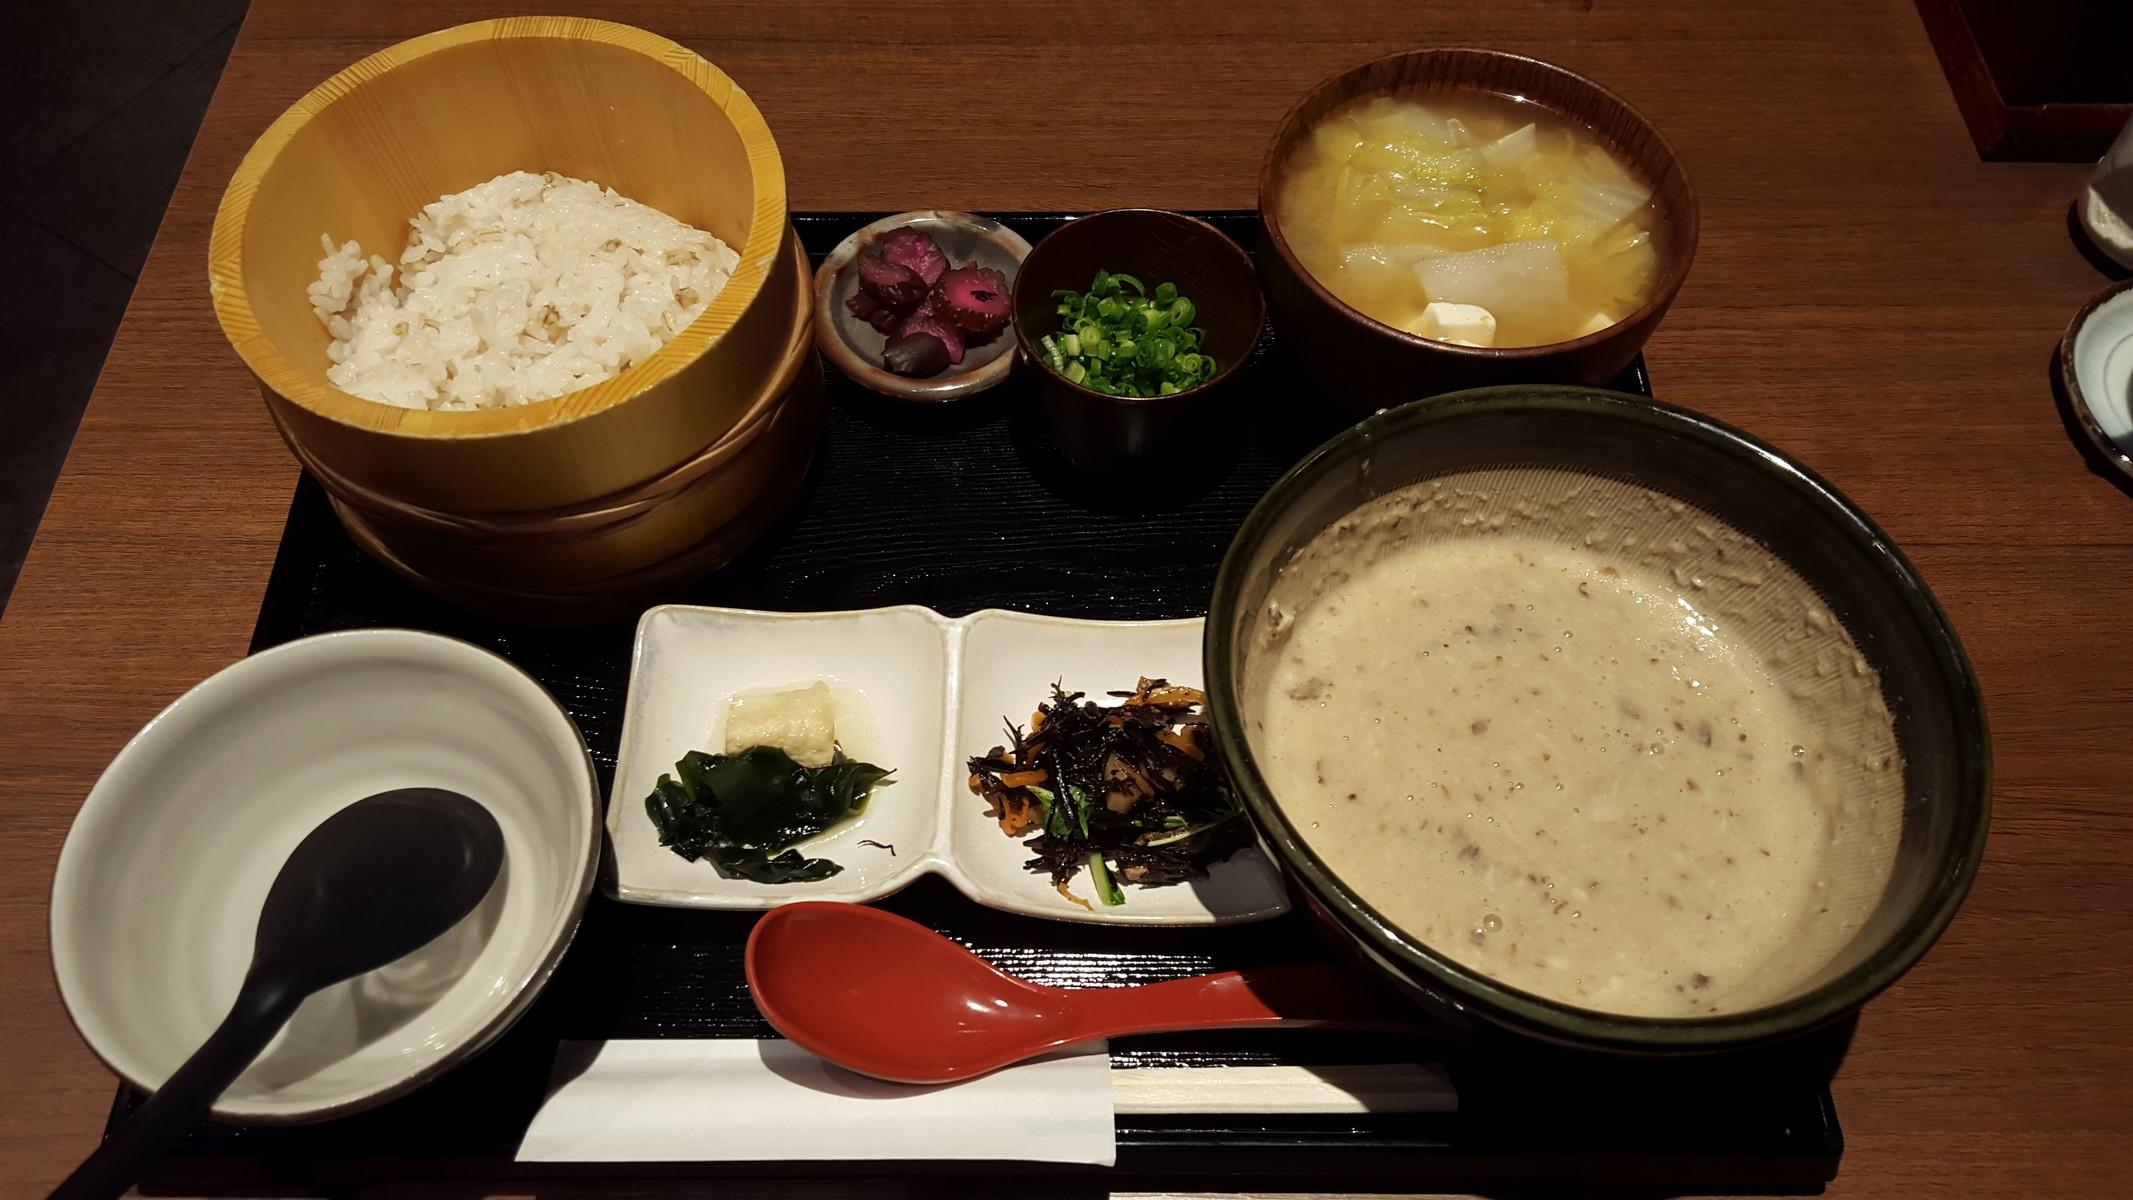 自然薯膳【ご飯ととろろ とろ麦/浅草】